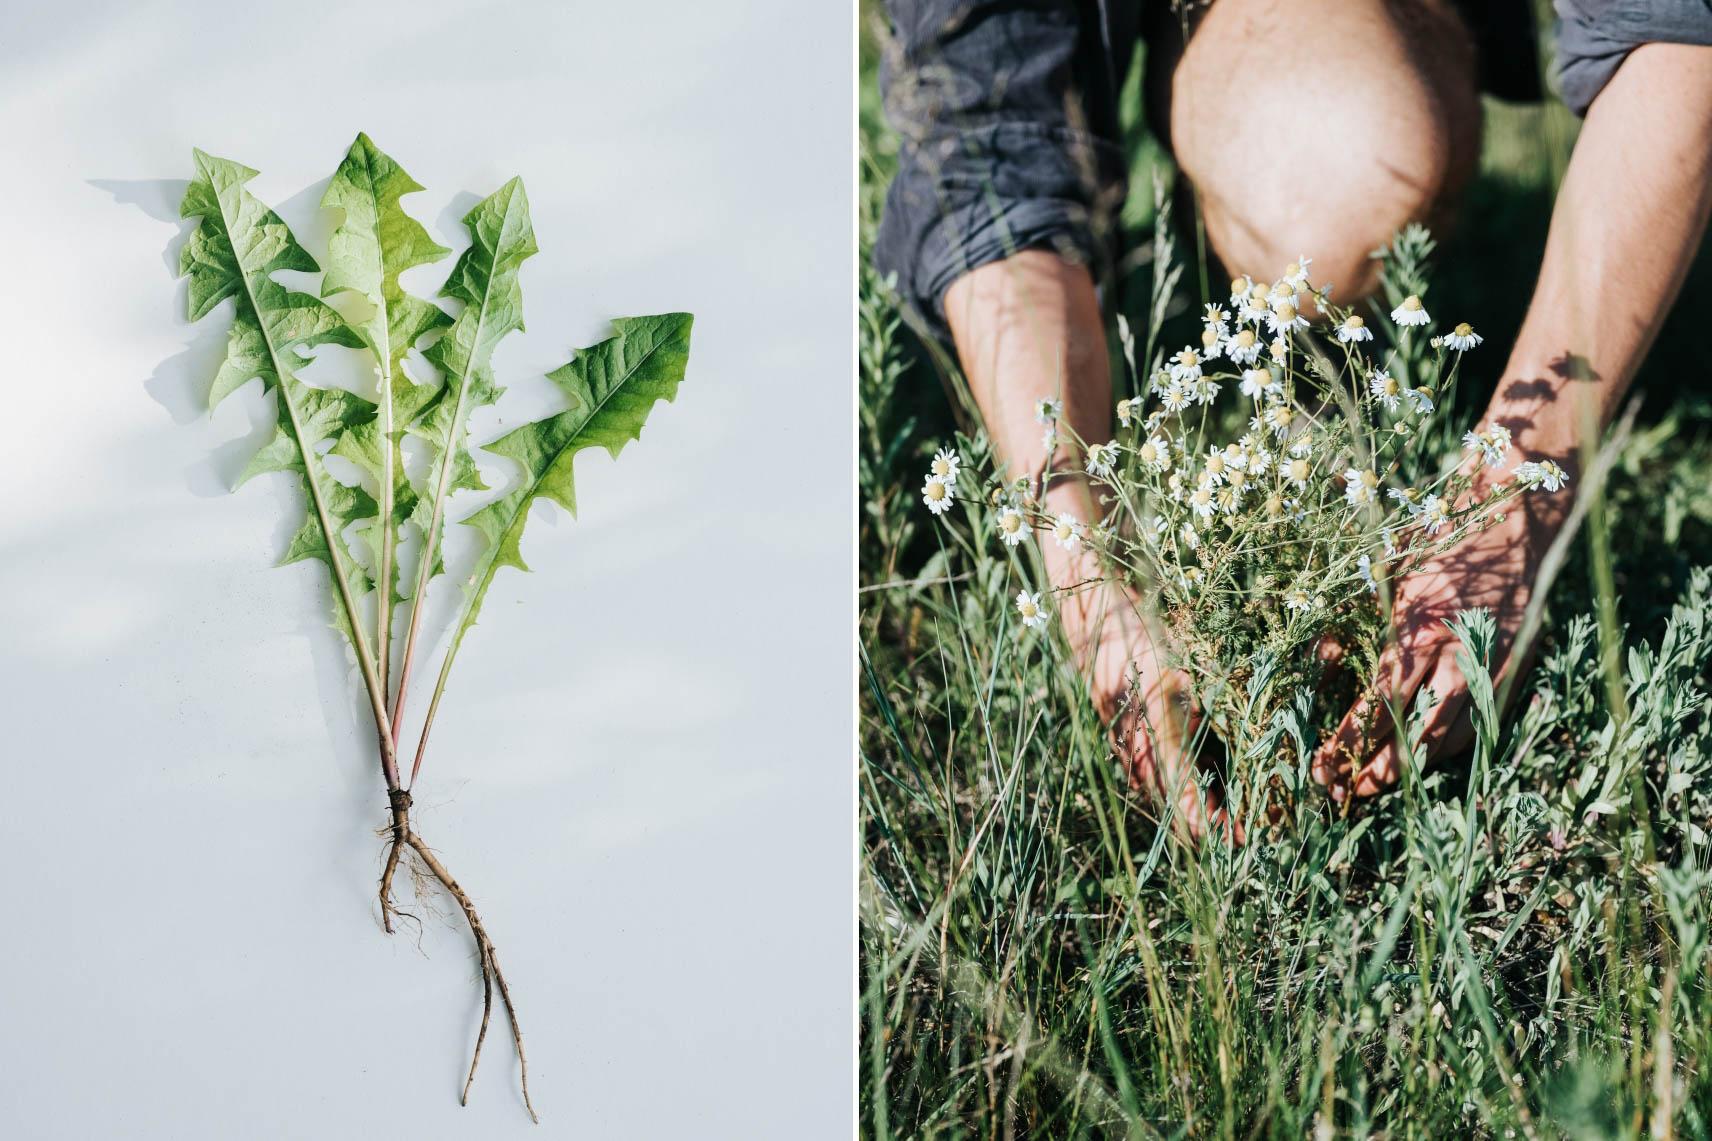 Löwenzahnblätter und zwei Hände die Wildpflanzen pflücken